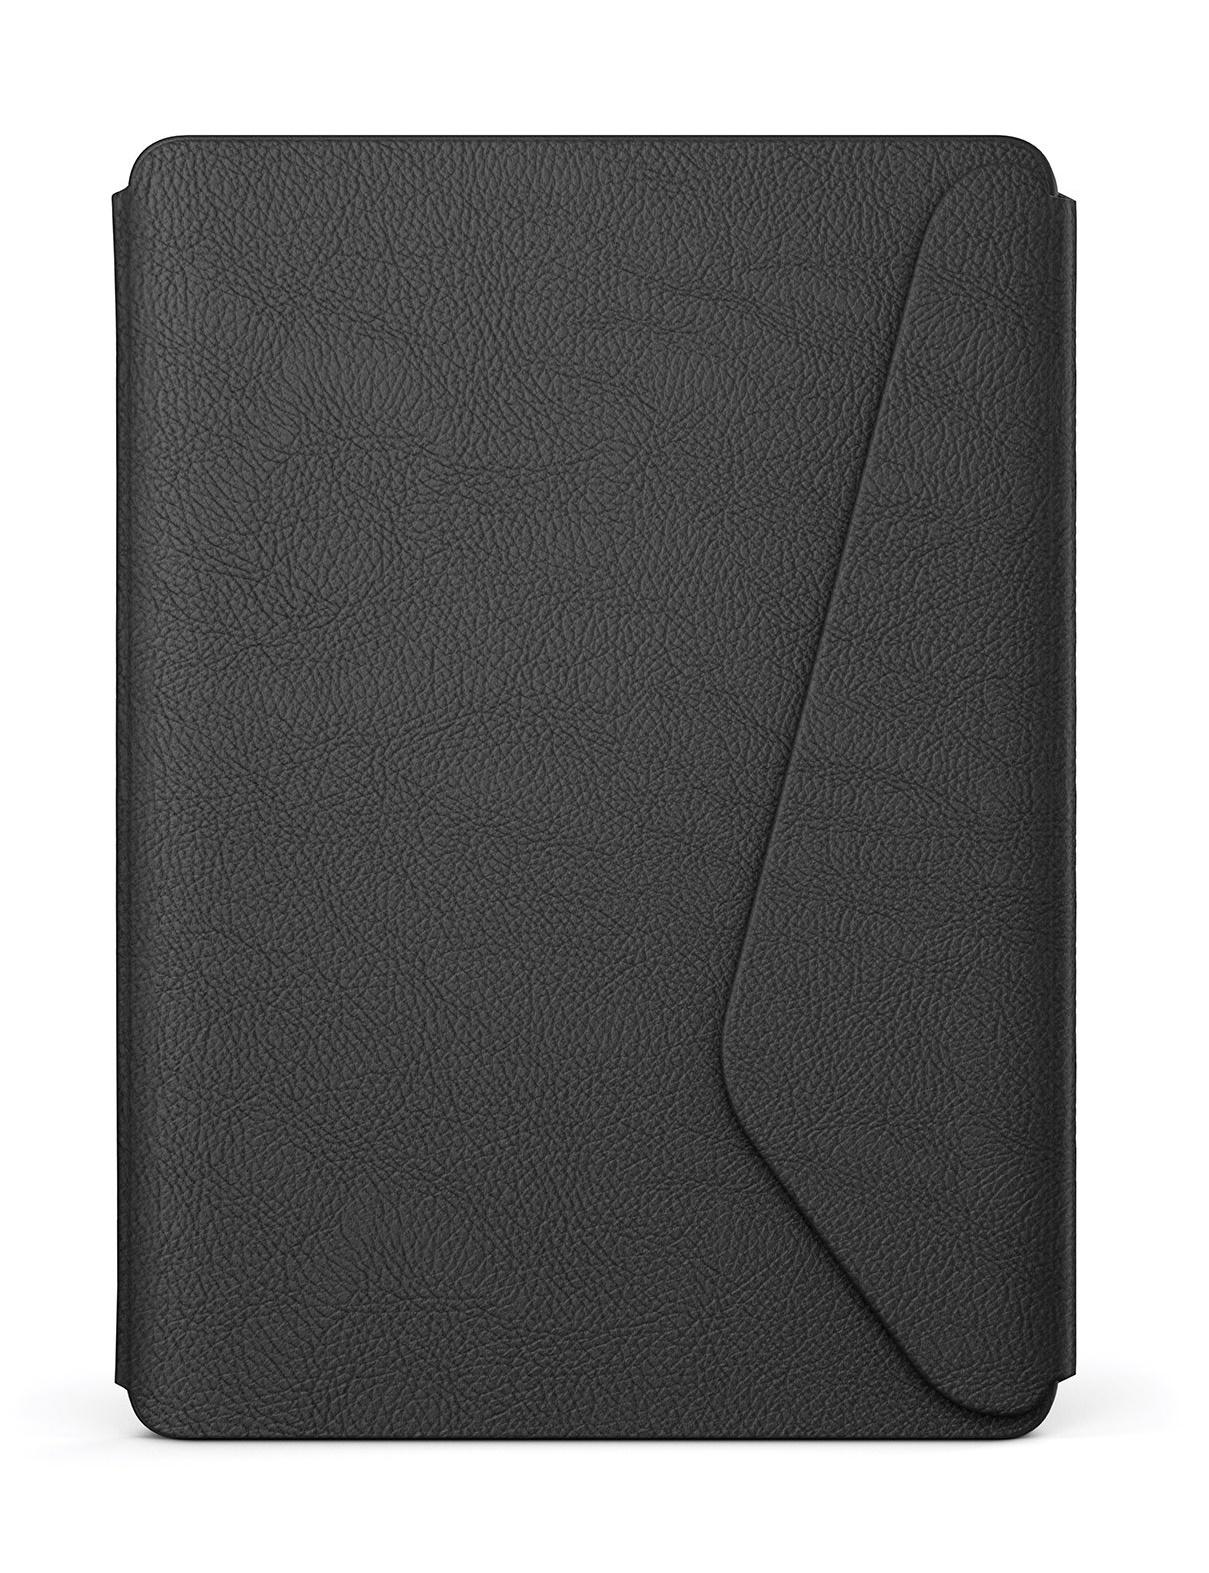 KOBO Aura Edition 2 SleepCover - Black